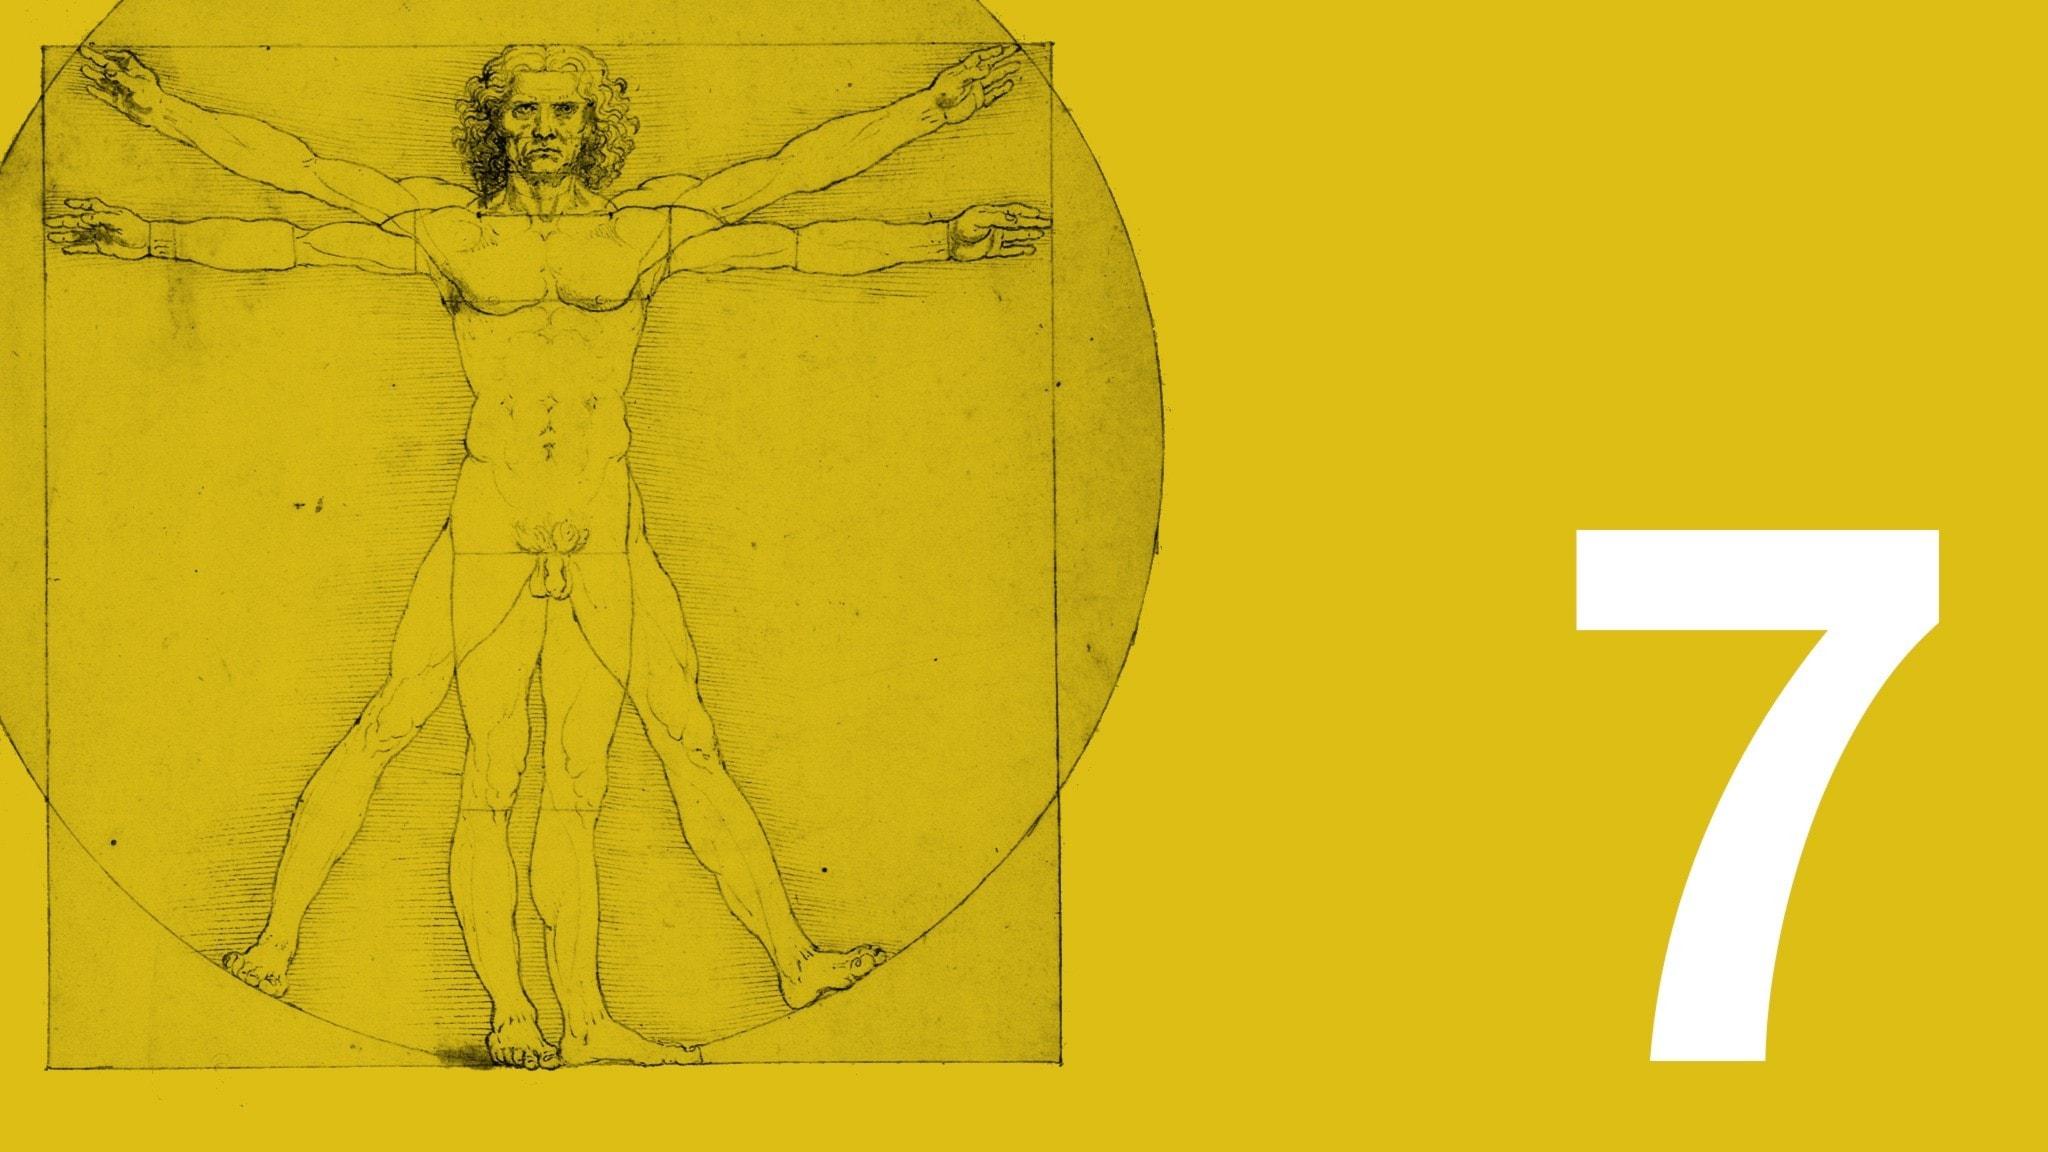 Bilden visar ett utsnitt av Leonardo da Vincis teckning den vitruvianske mannen, som ofta har fått stå som sinnebild för människans ideala proportioner. Teckningen är till vänster i bild. Bakgrundsfärgen är ockragul. Längst ner till höger syns en vit sjua.